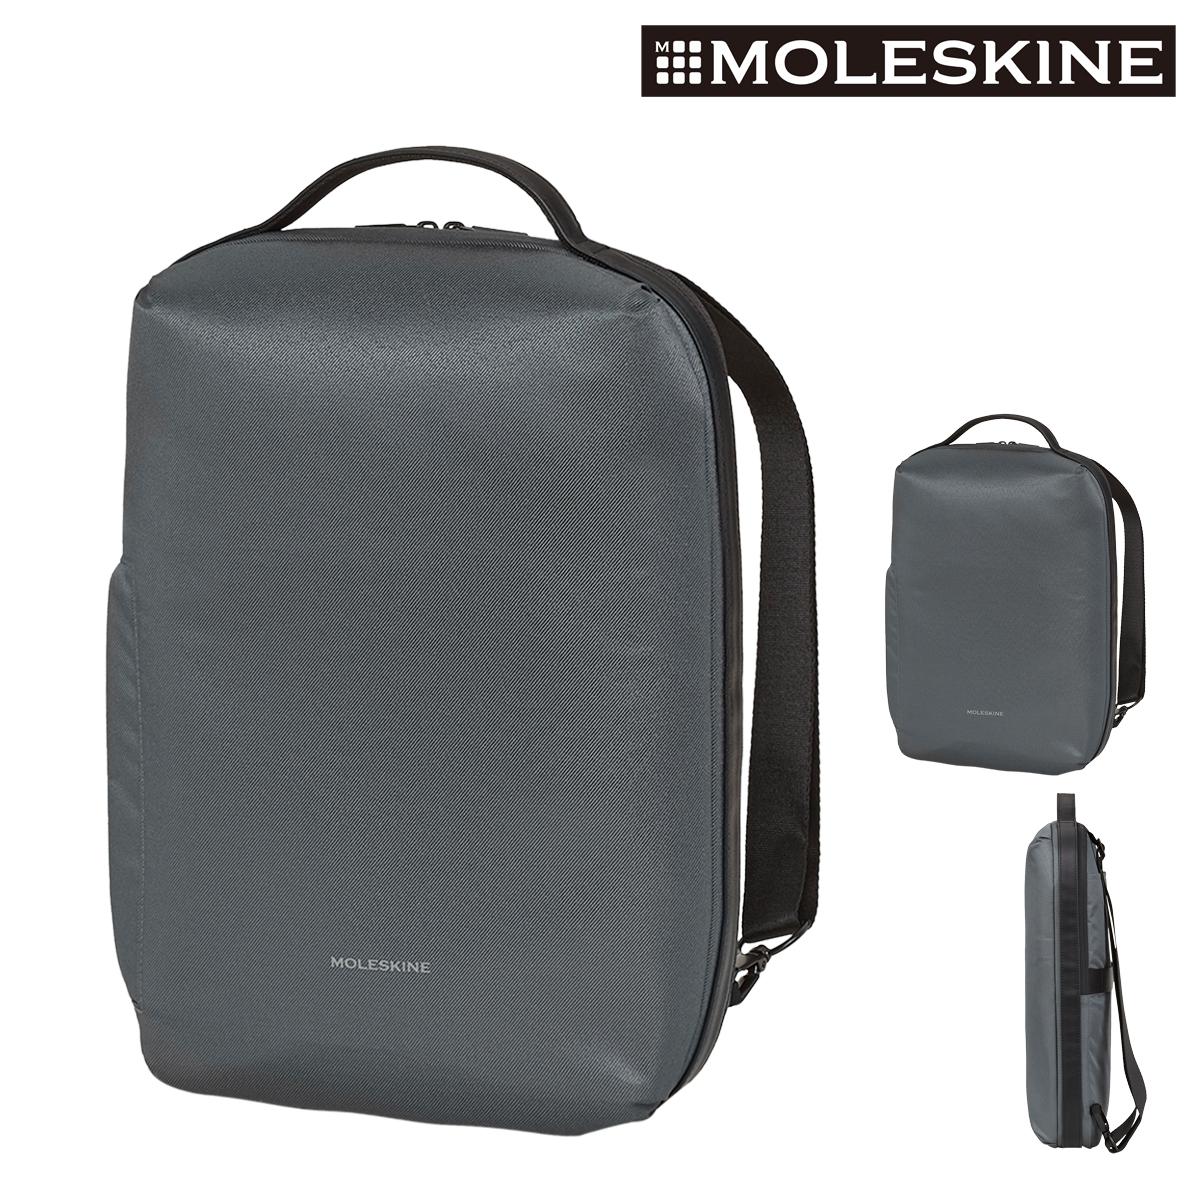 モレスキン リュック NotebookBAG メンズ レディース Moleskine | デバイスバッグ キャリーオン[bef][PO10]